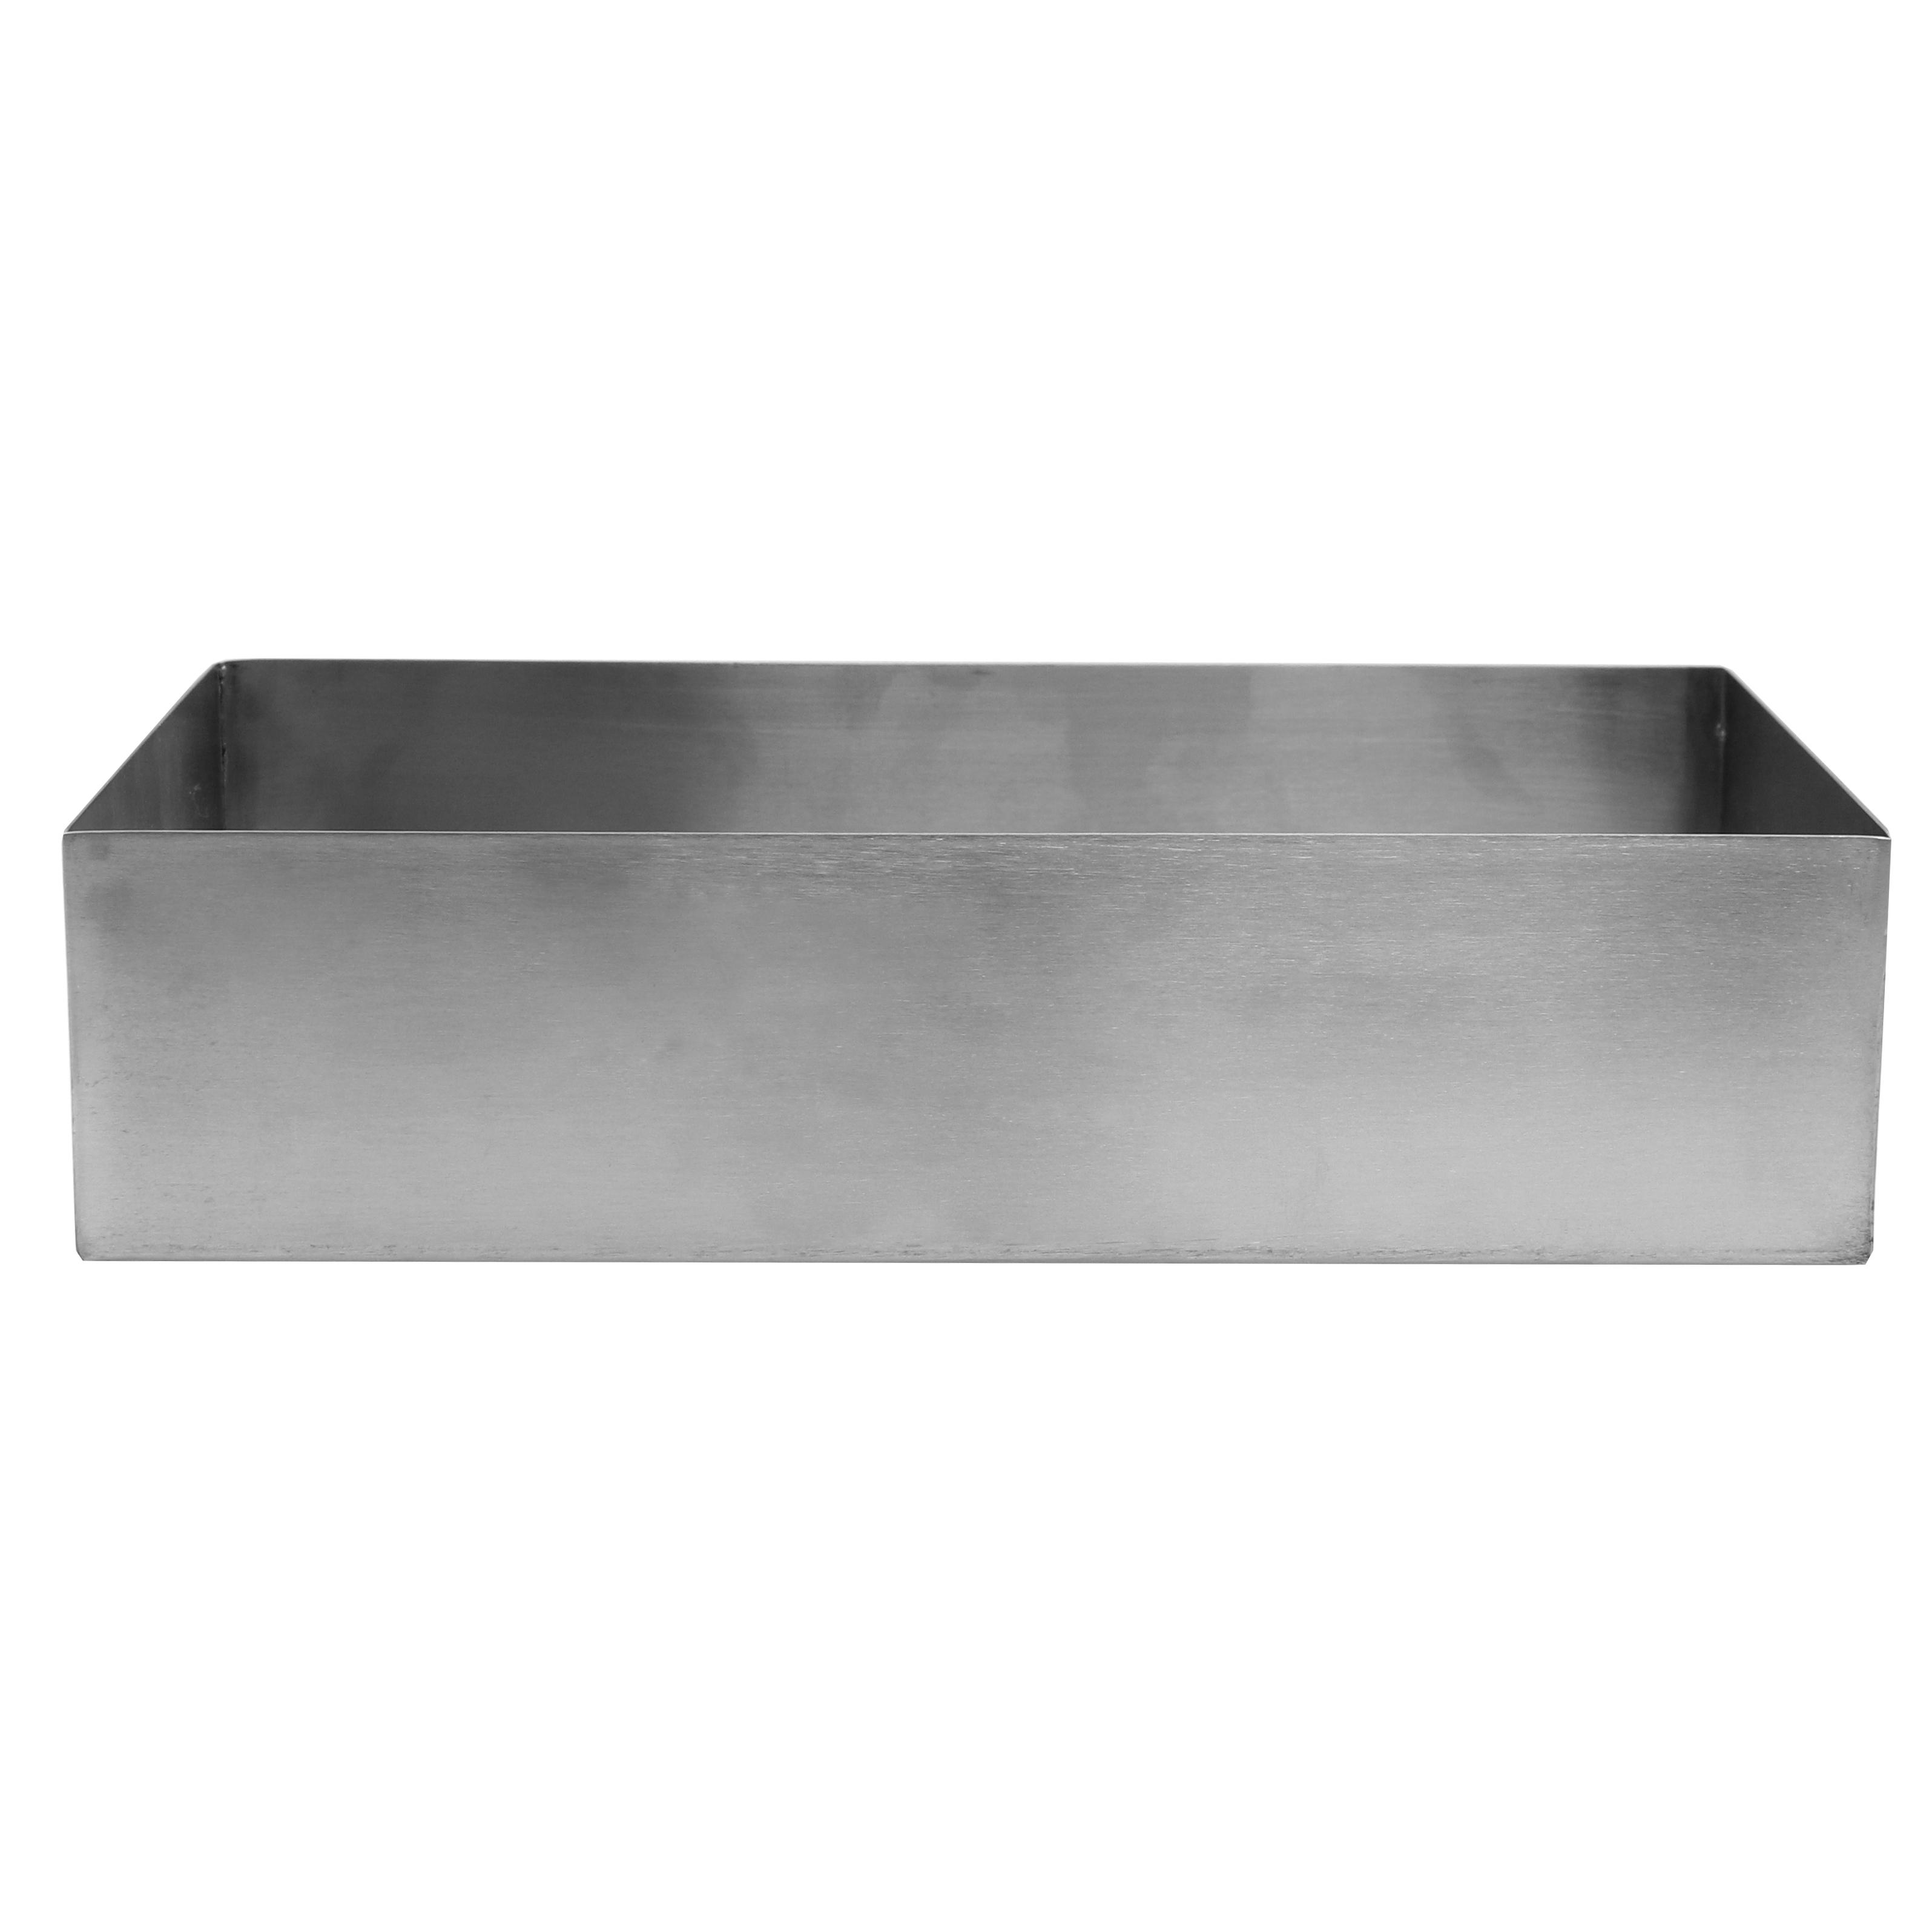 TableCraft Products SS4027 bowl, metal,  3 - 4 qt (96 - 159 oz)